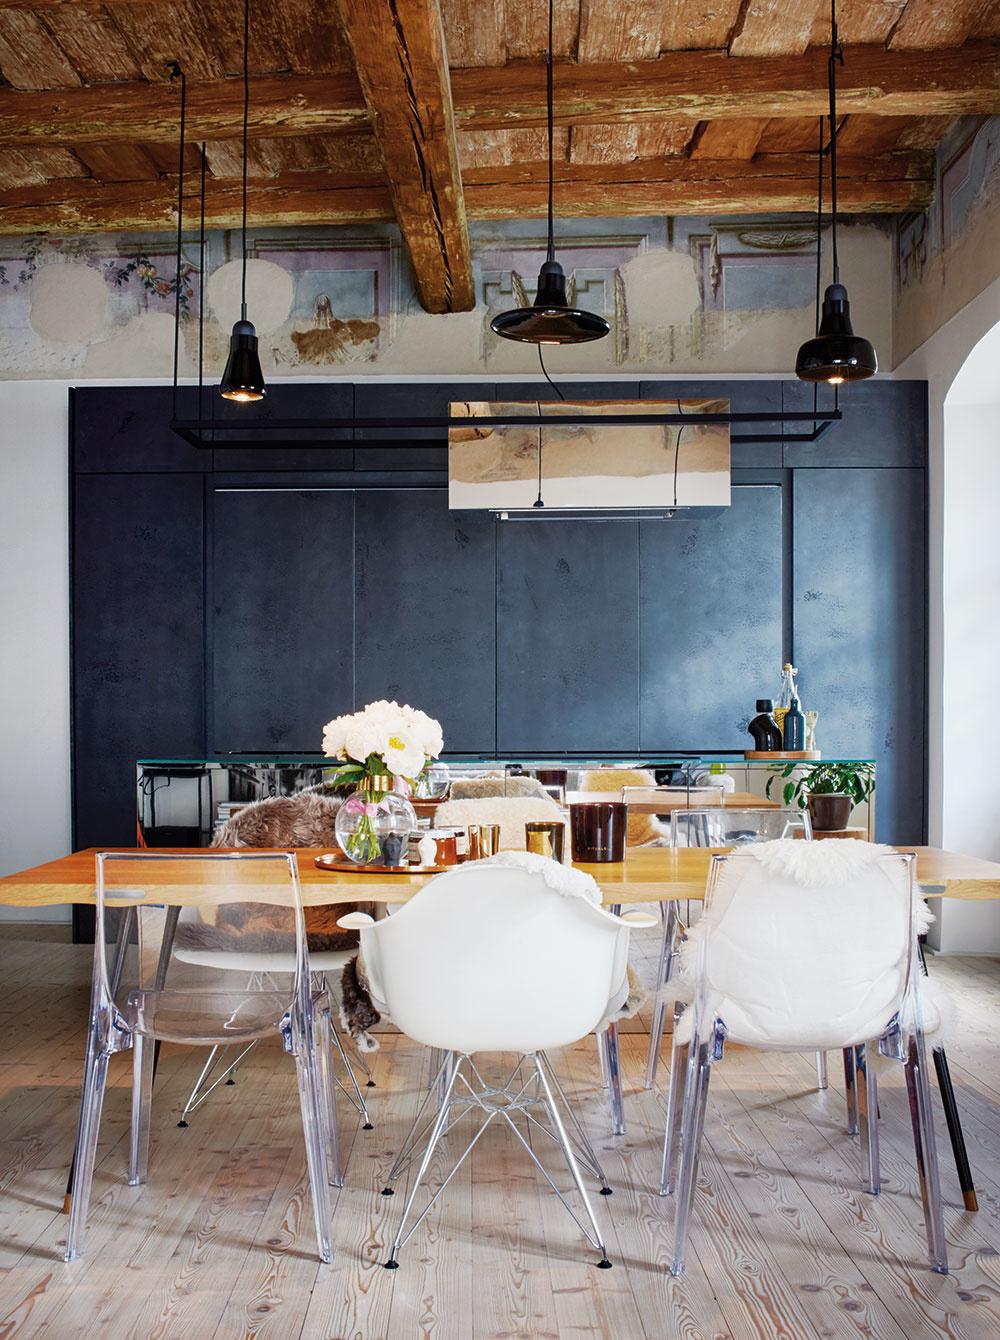 Na jednom konci rozľahlej dennej miestnosti je kuchyňa, na opačnom obývačka a priestoru medzi nimi kraľuje veľký jedálenský stôl.